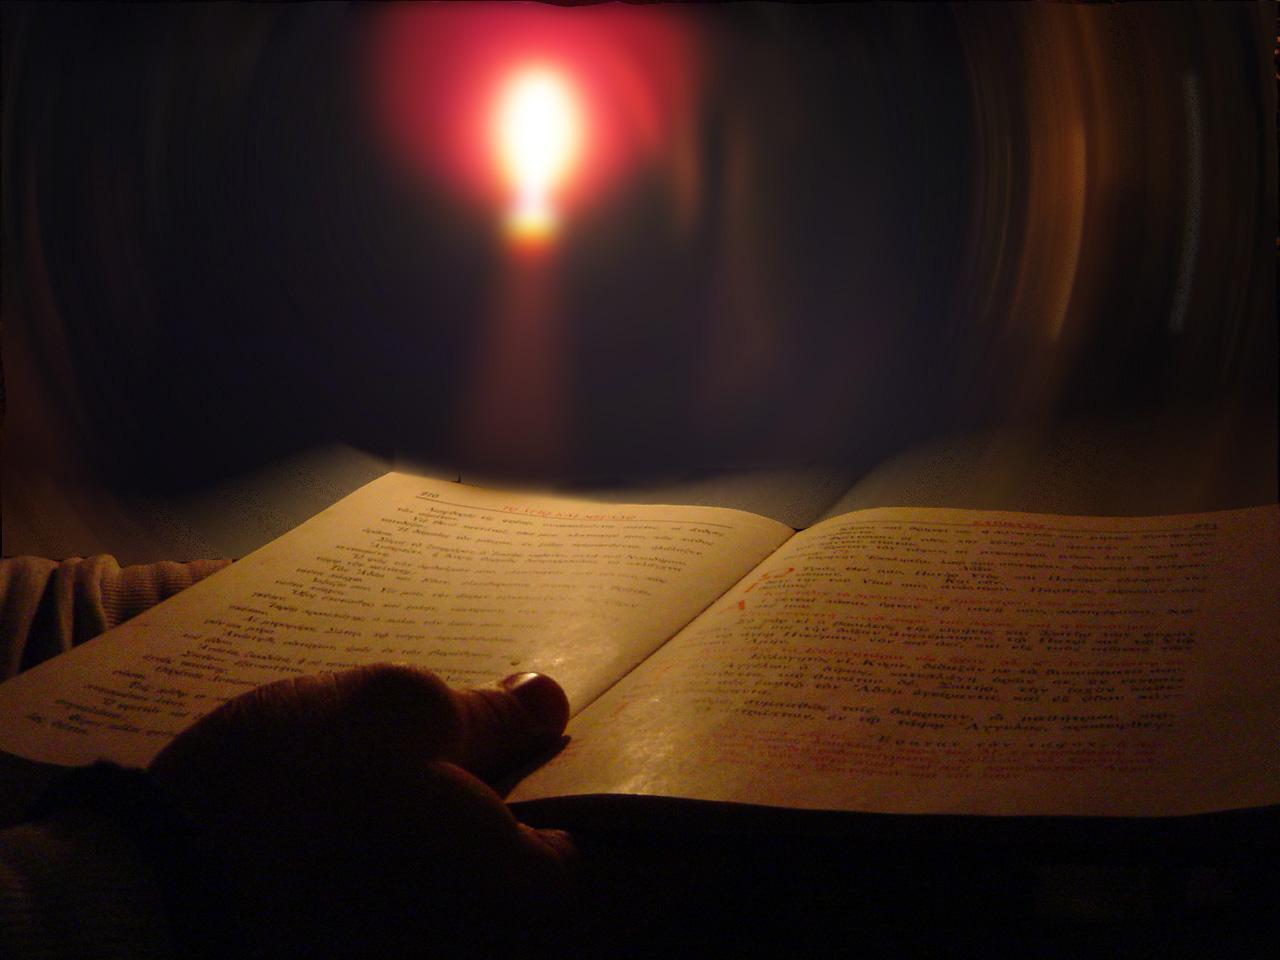 Ακόμη και αν διαβάζουμε όλες τις προσευχές δεν θα σωθούμε